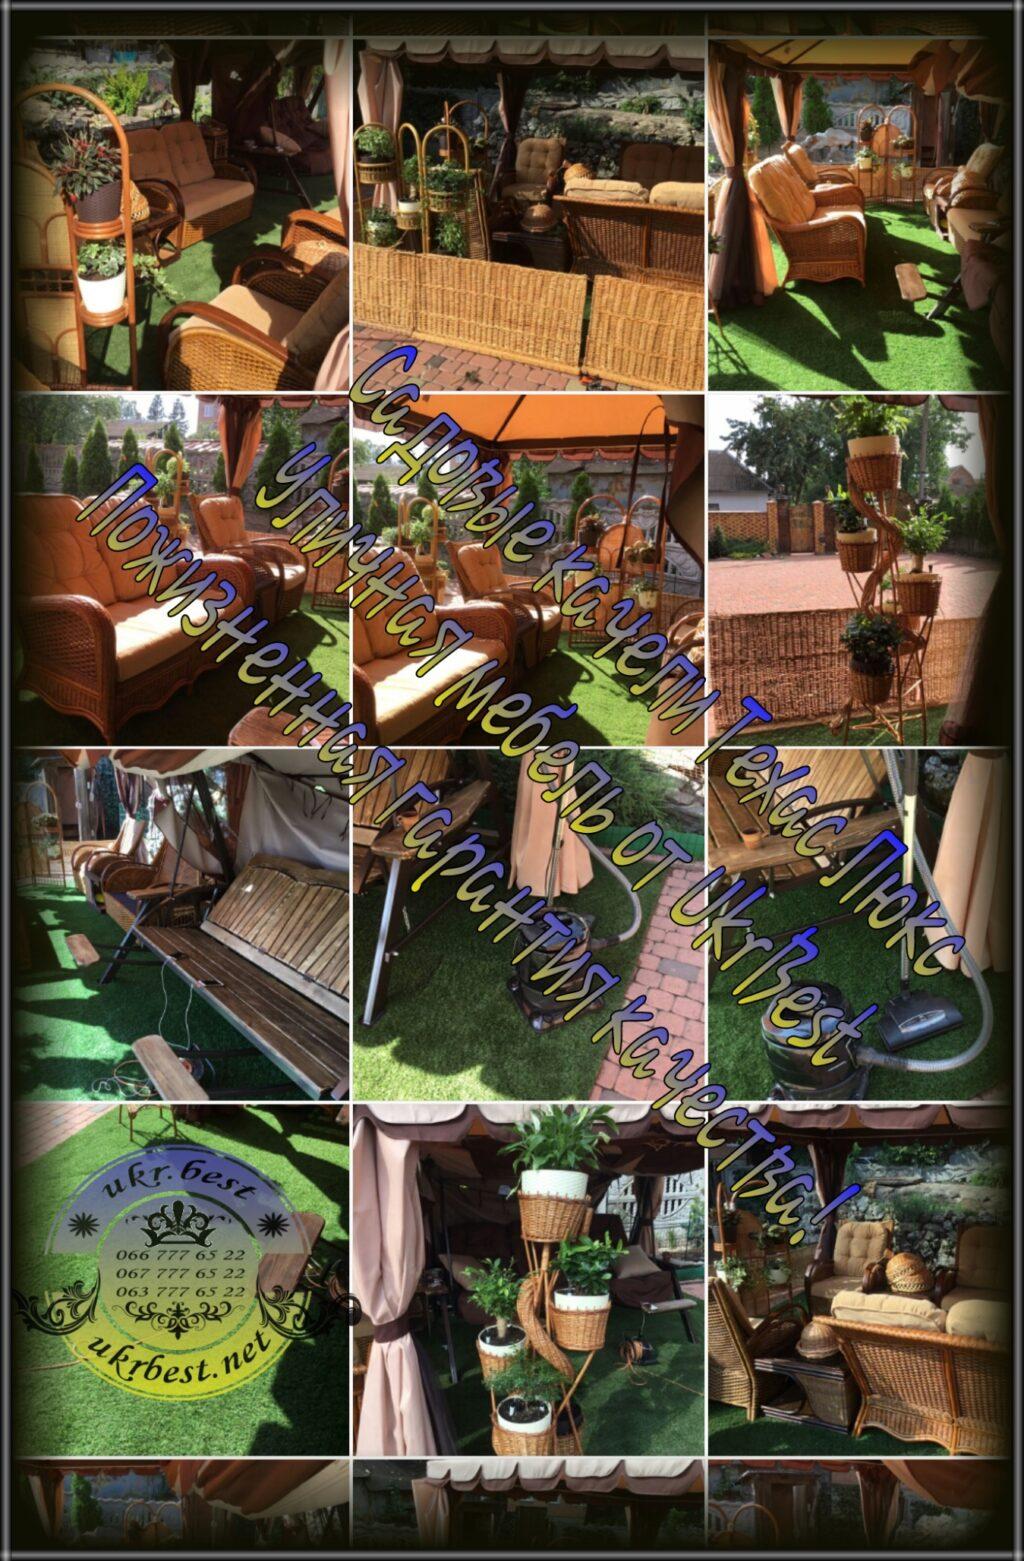 Фотографии заказчика интернет-магазина УкрБест - садовые качели Техас Люкс и другая уличная мебель.